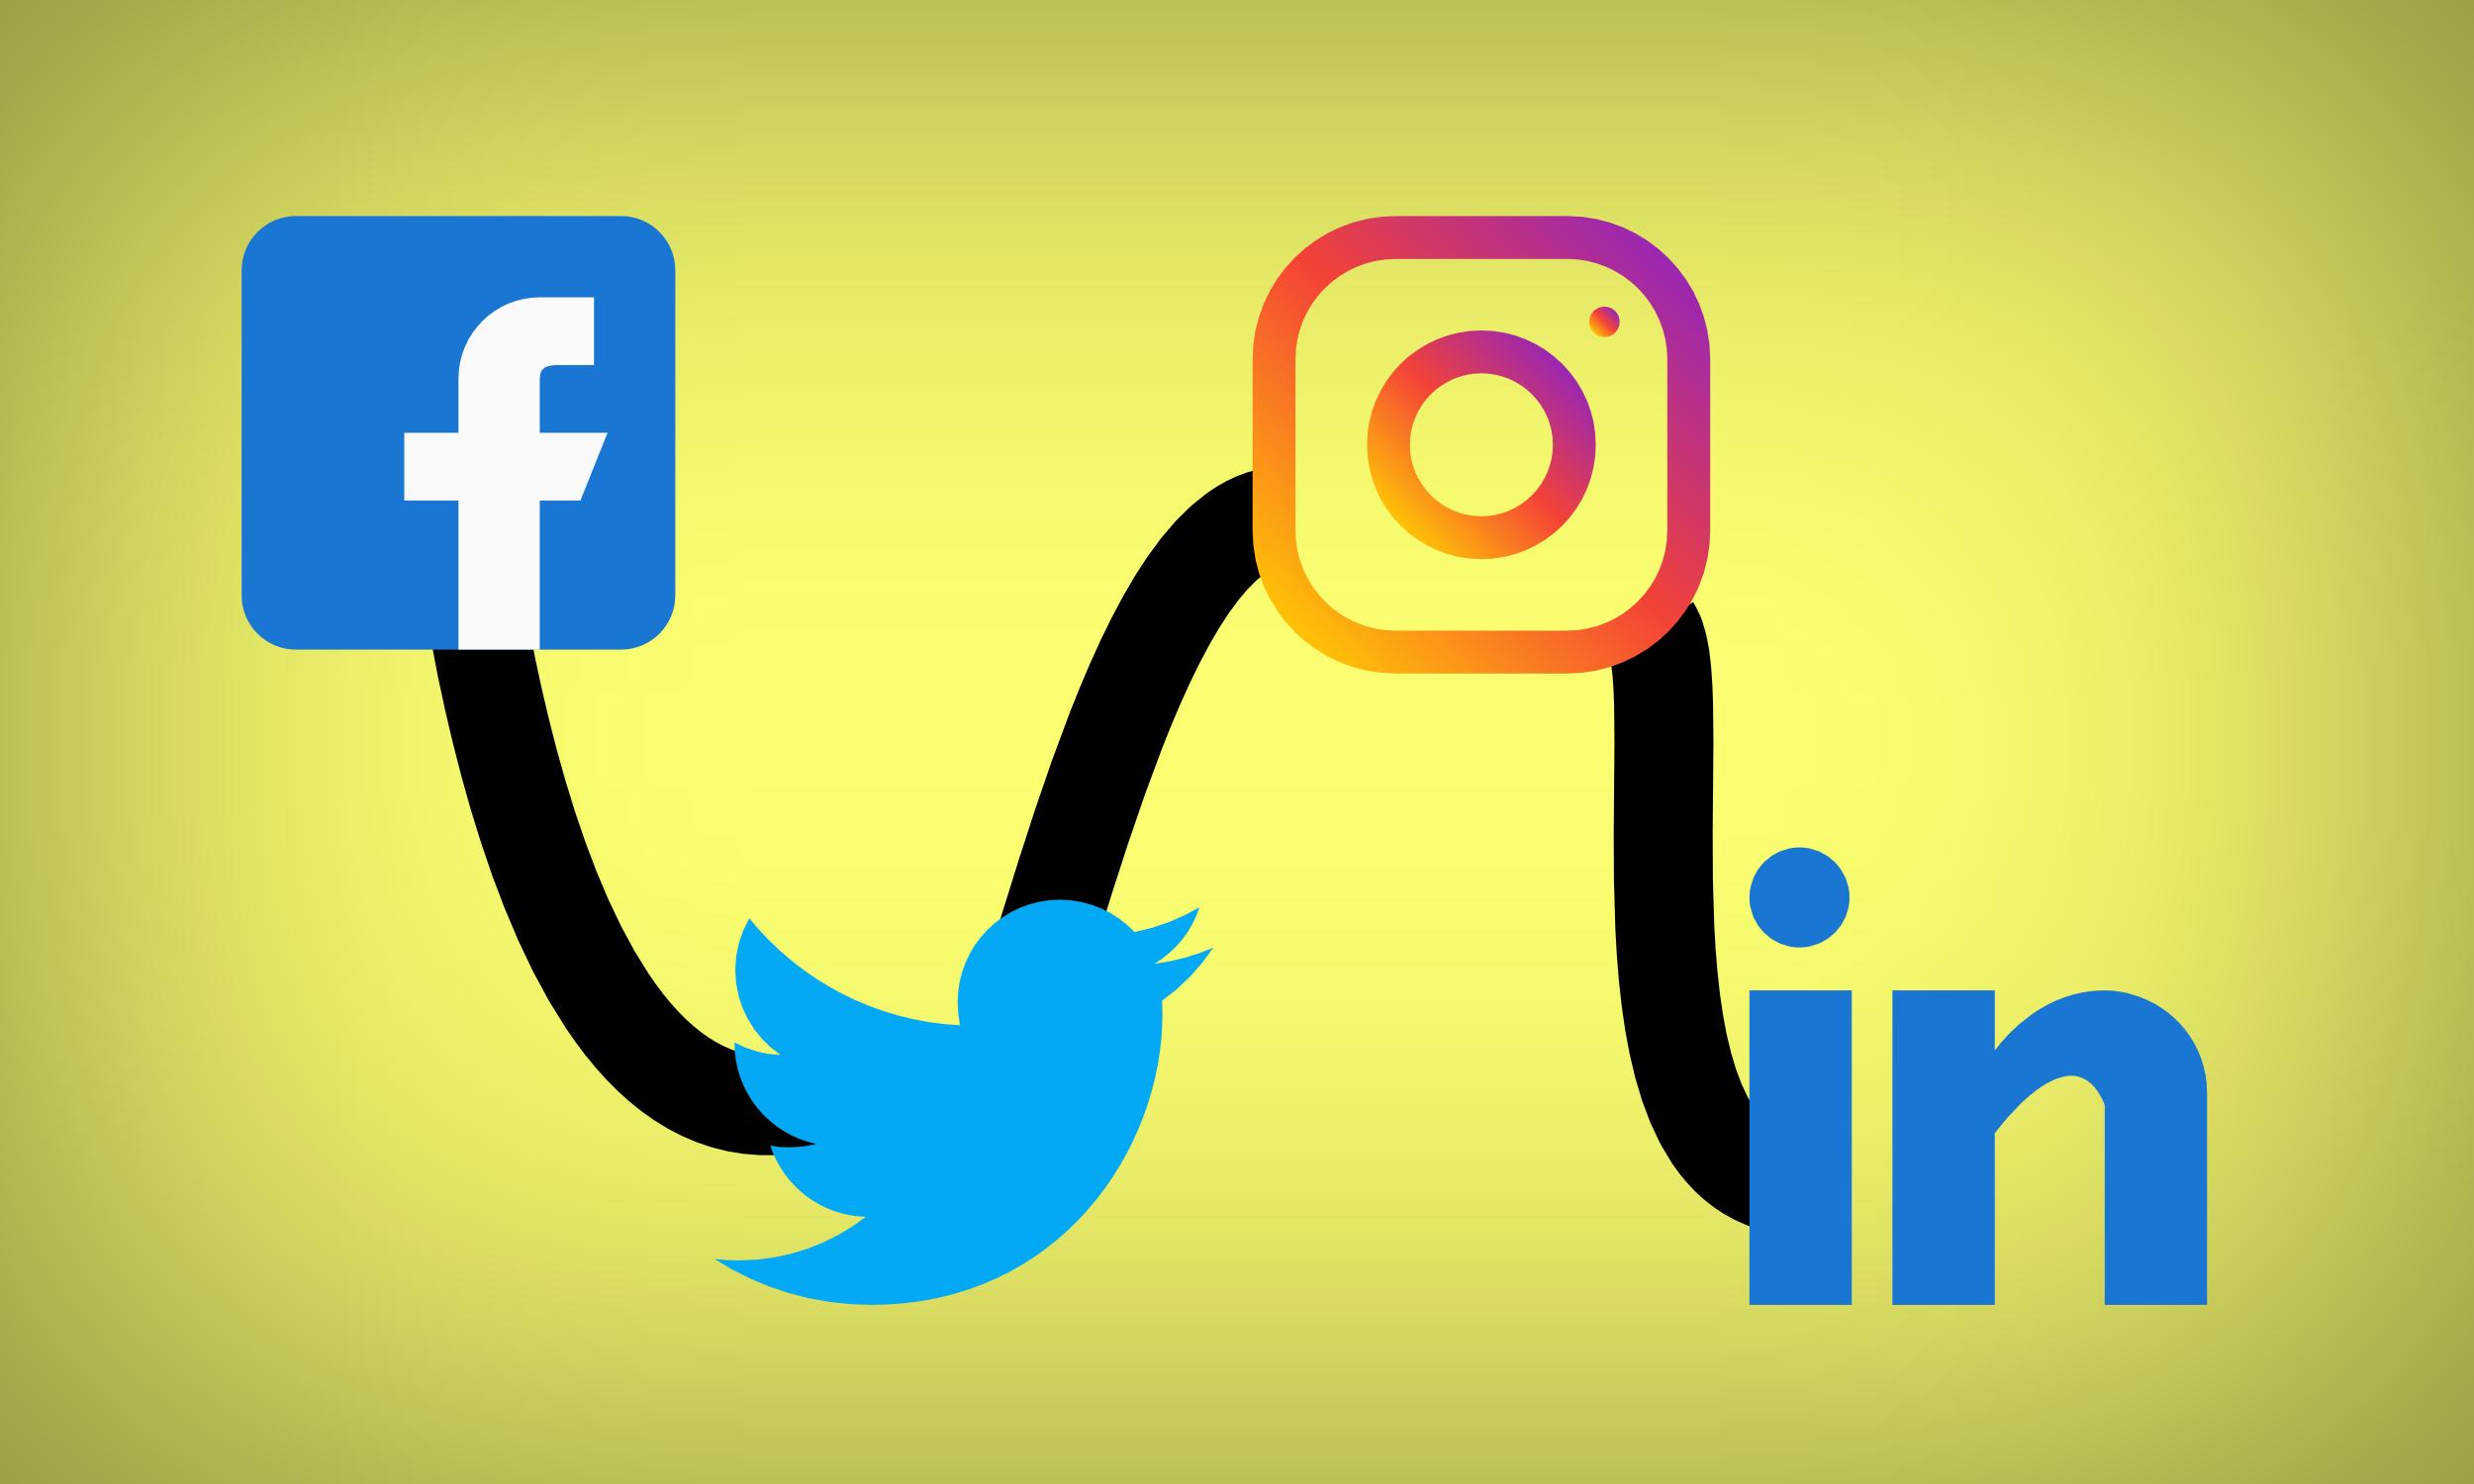 Services for Facebook, LinkedIn, Twitter, Instagram, or